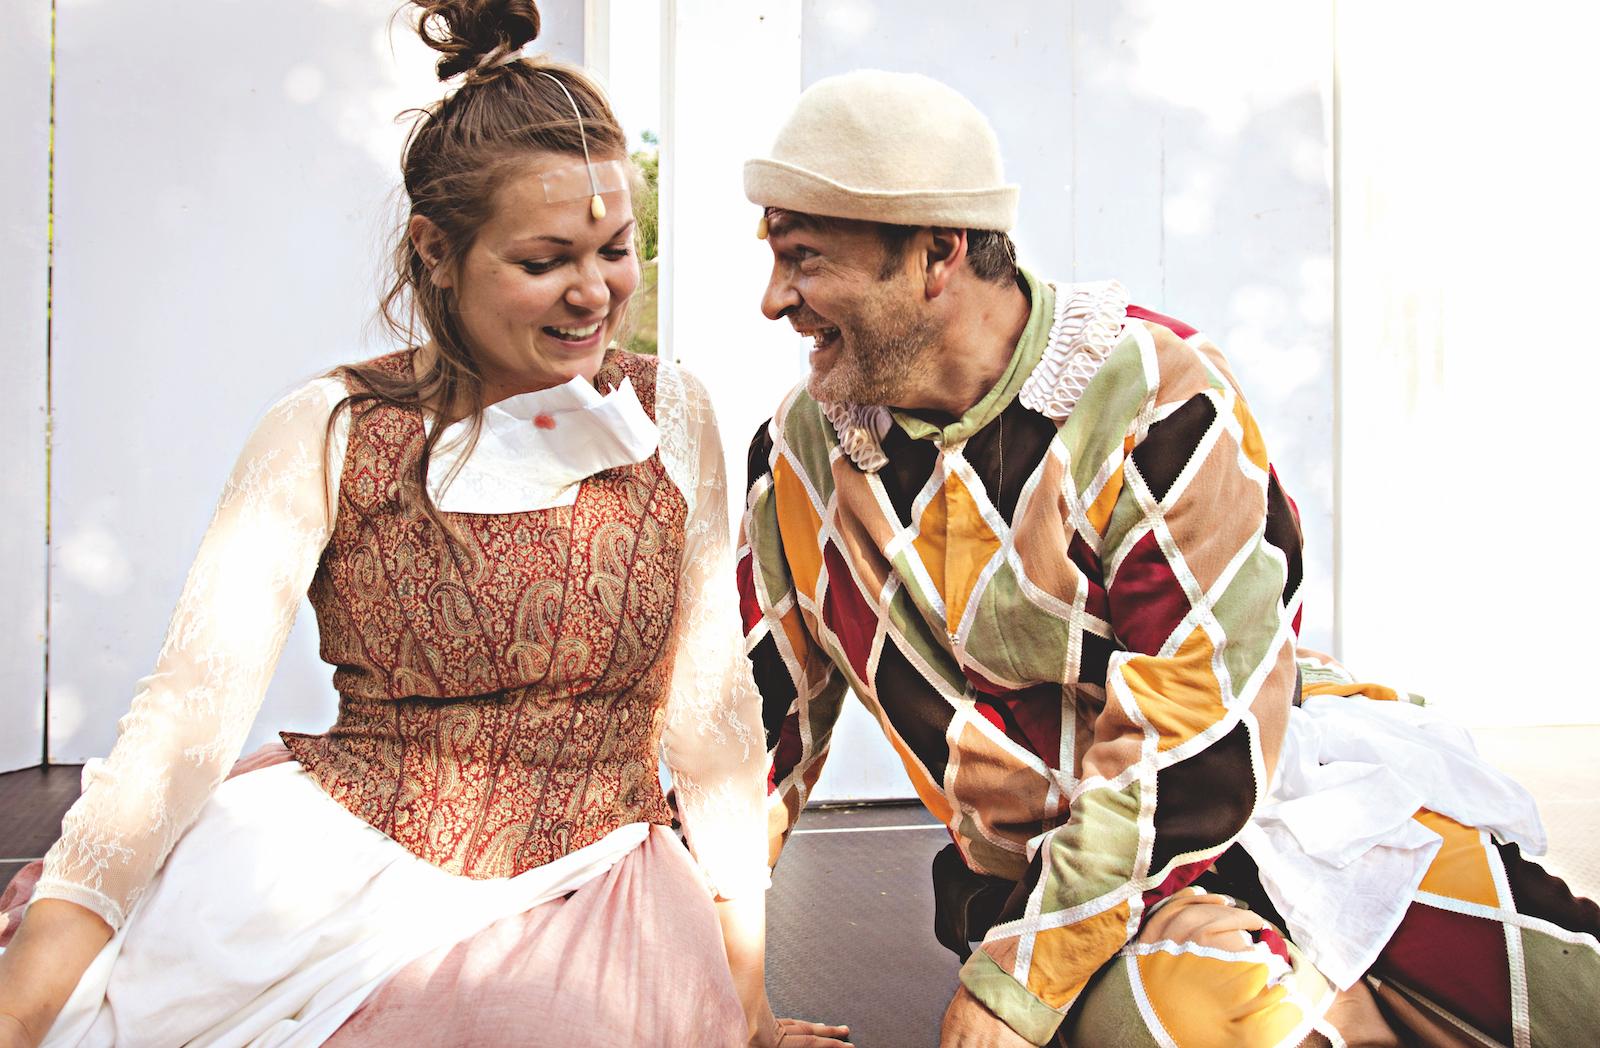 Theater im Gemeindebau:  Der Diener zweier Herren  nach Carlo Goldoni. Bild: Smeraldina_Arleccino.